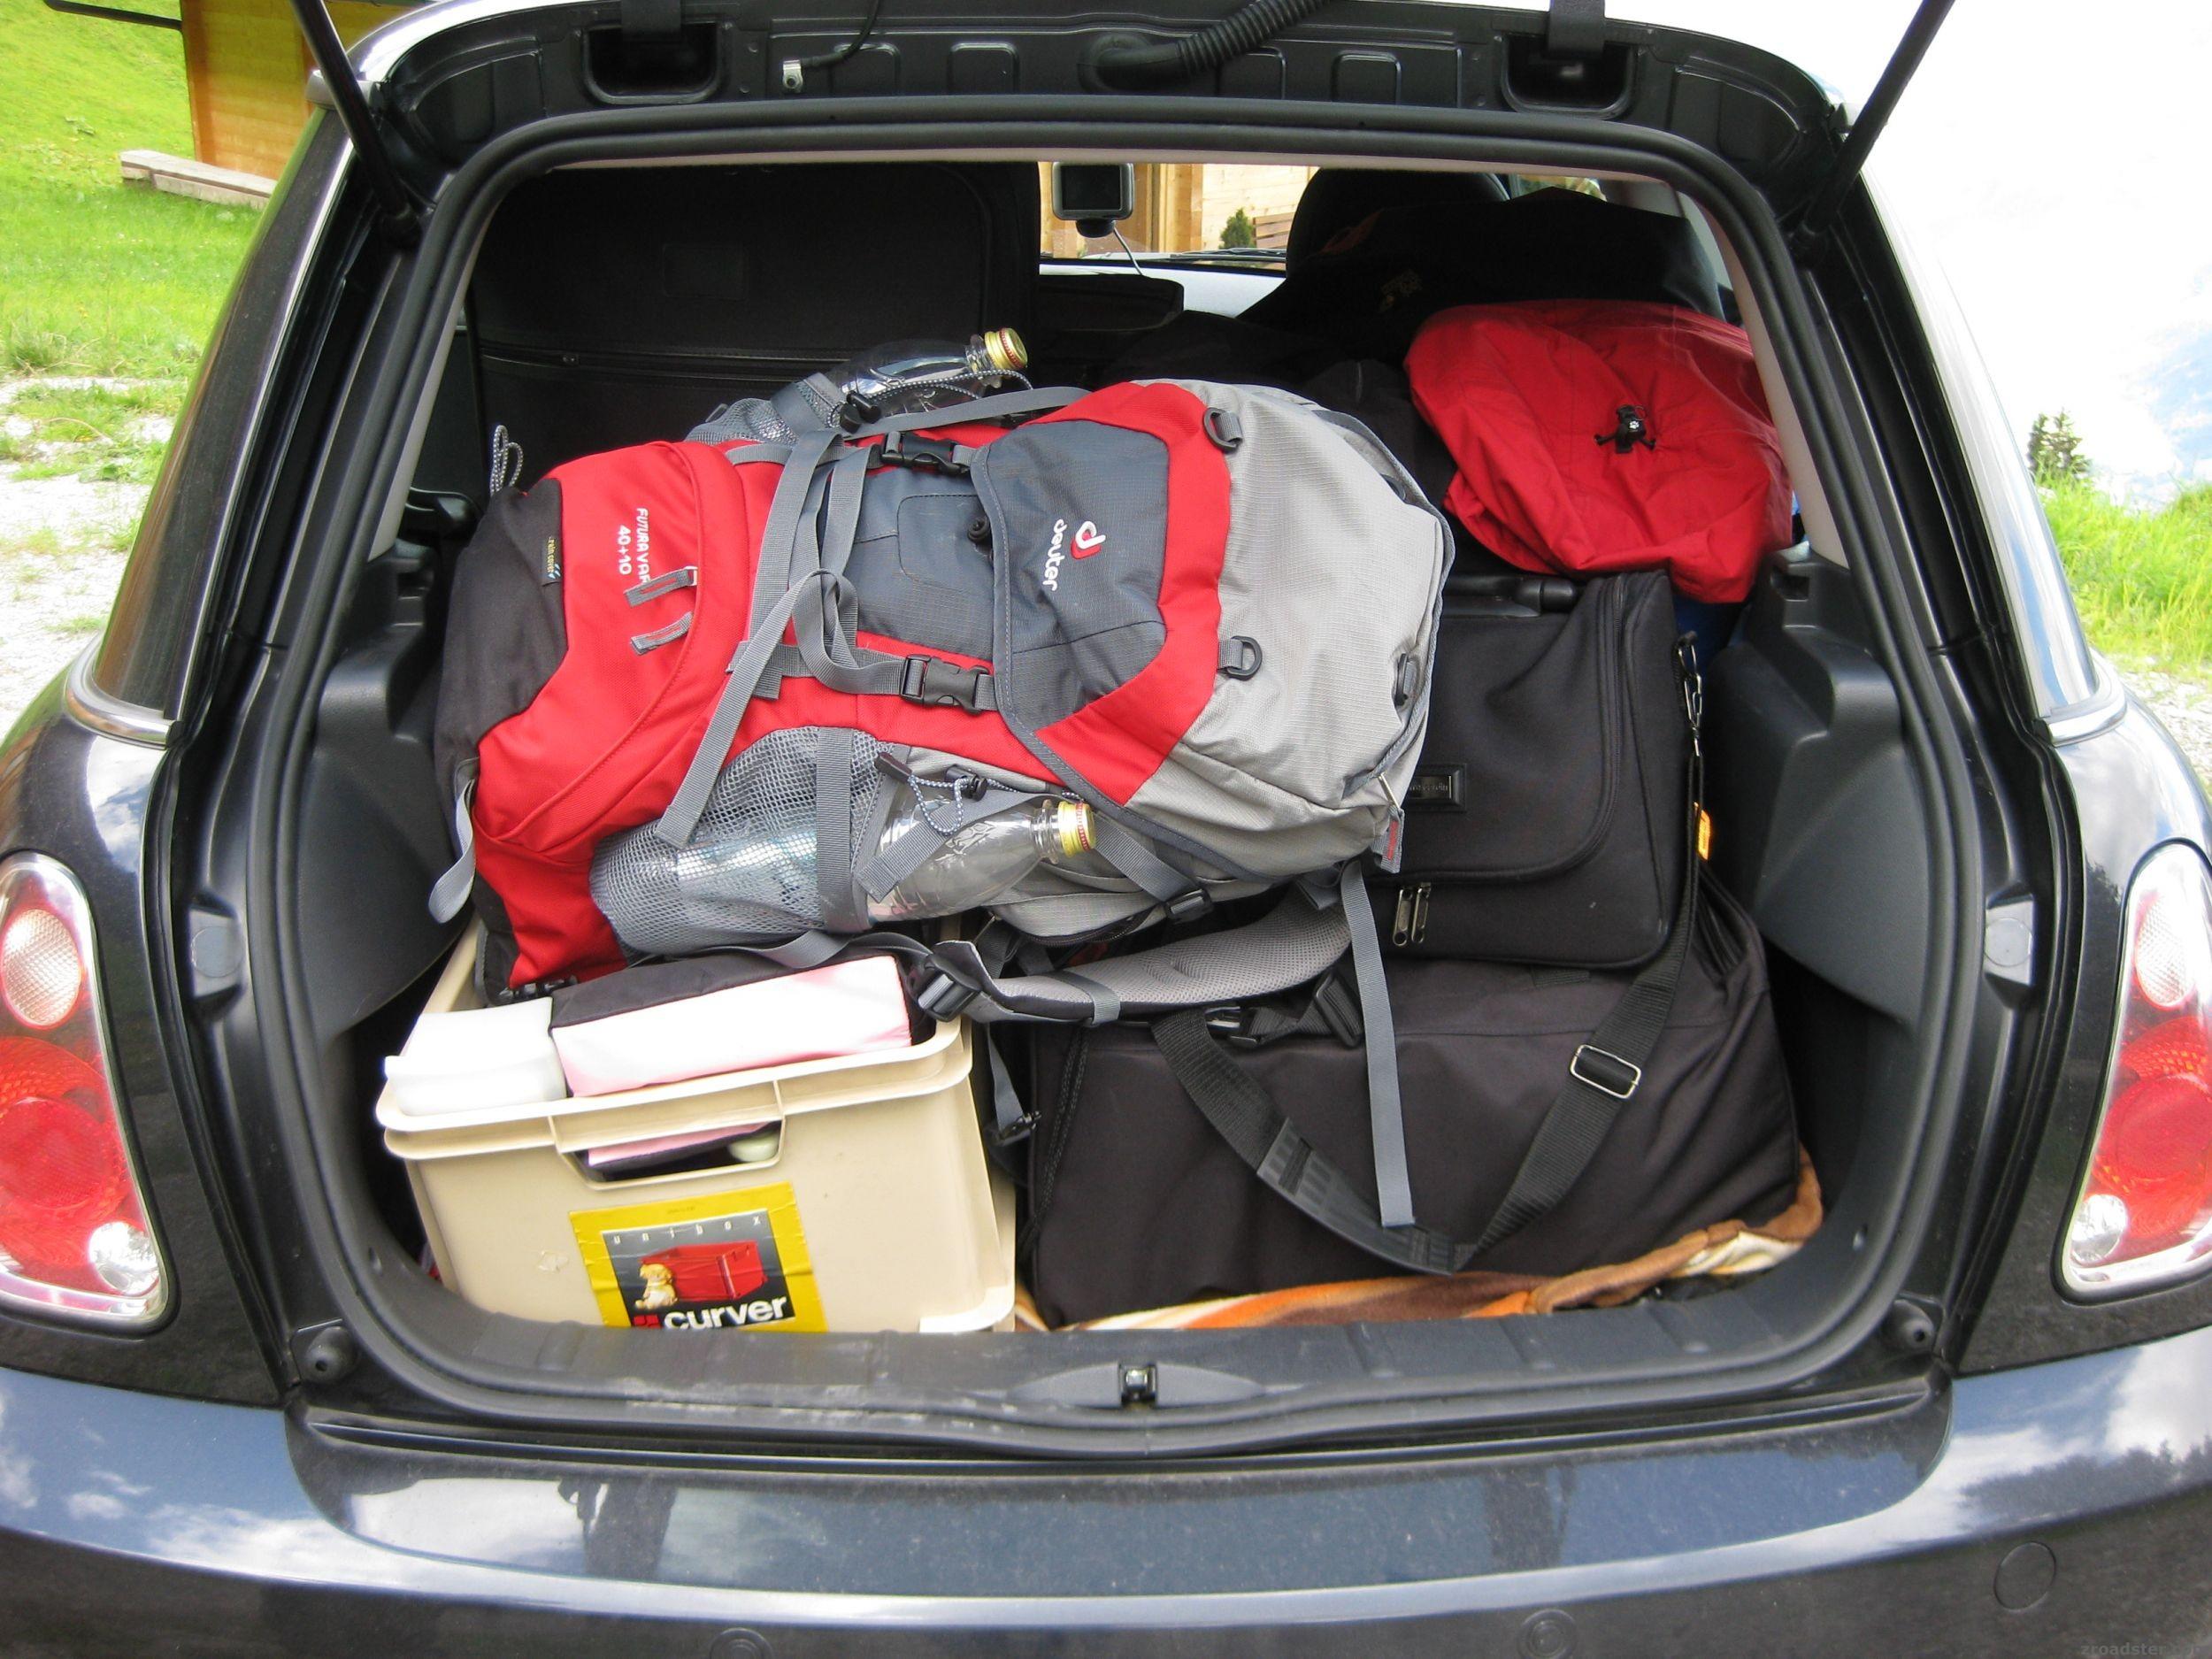 Kofferraum Mini Zroadstercom Bmw Z1 Z2 Z3 Z4 Z8 M Mini Roadster